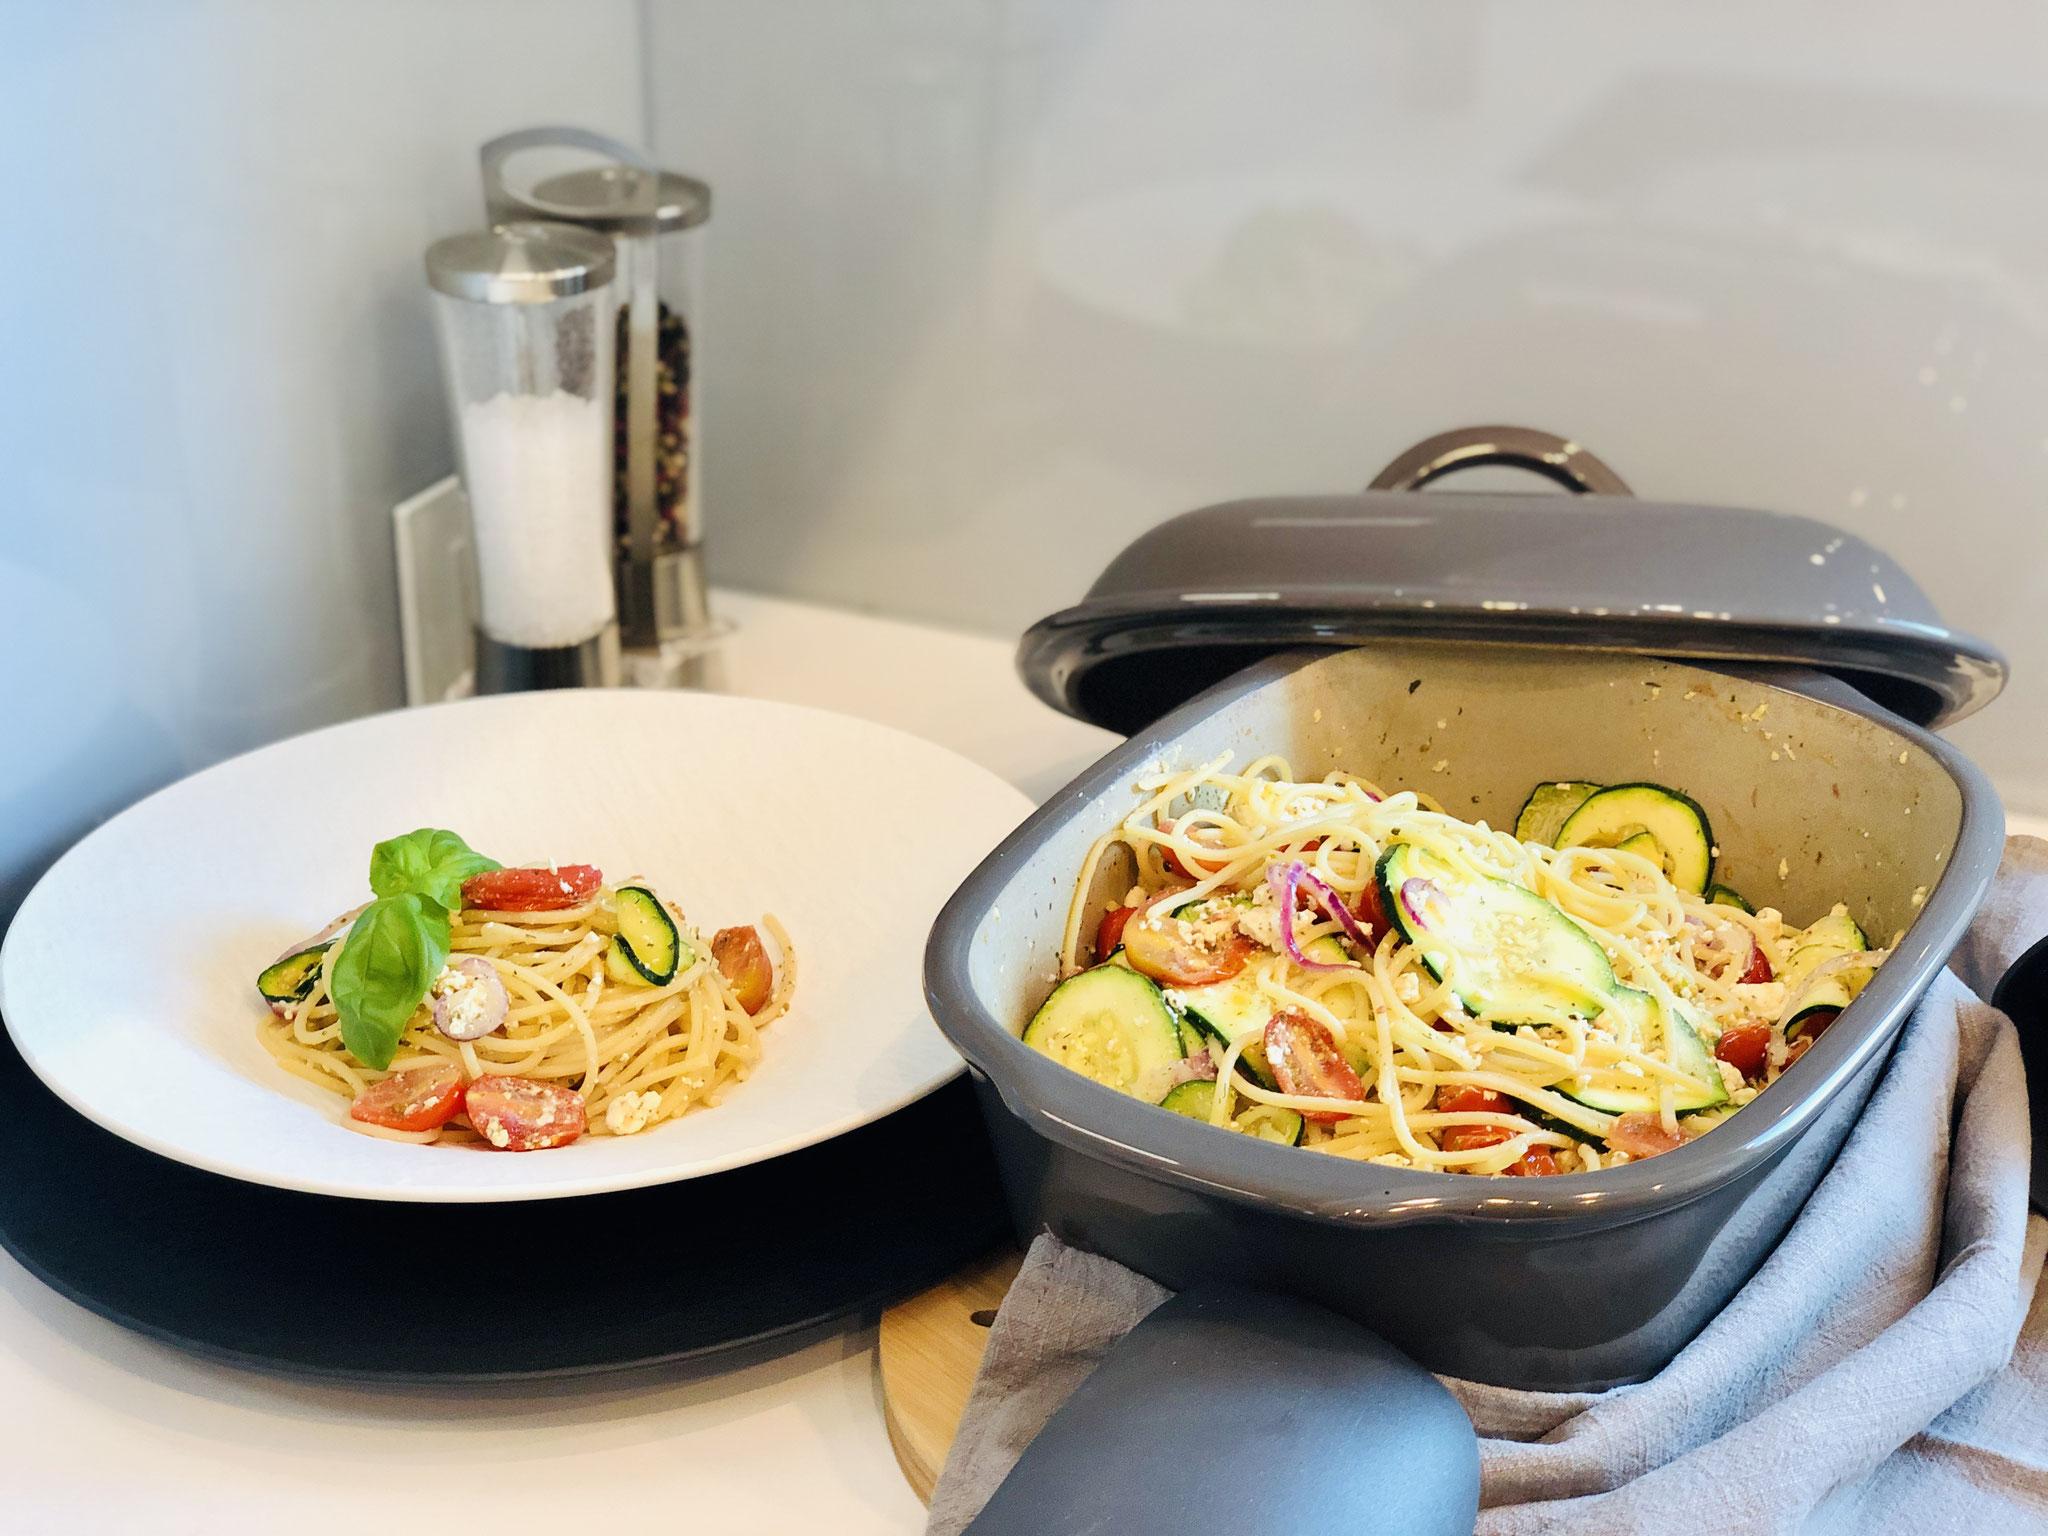 Mit Balilikum schön anrichten und servieren - Lasst es euch schmecken ♥ Eure Martina Ziehl mit Pampered Chef®